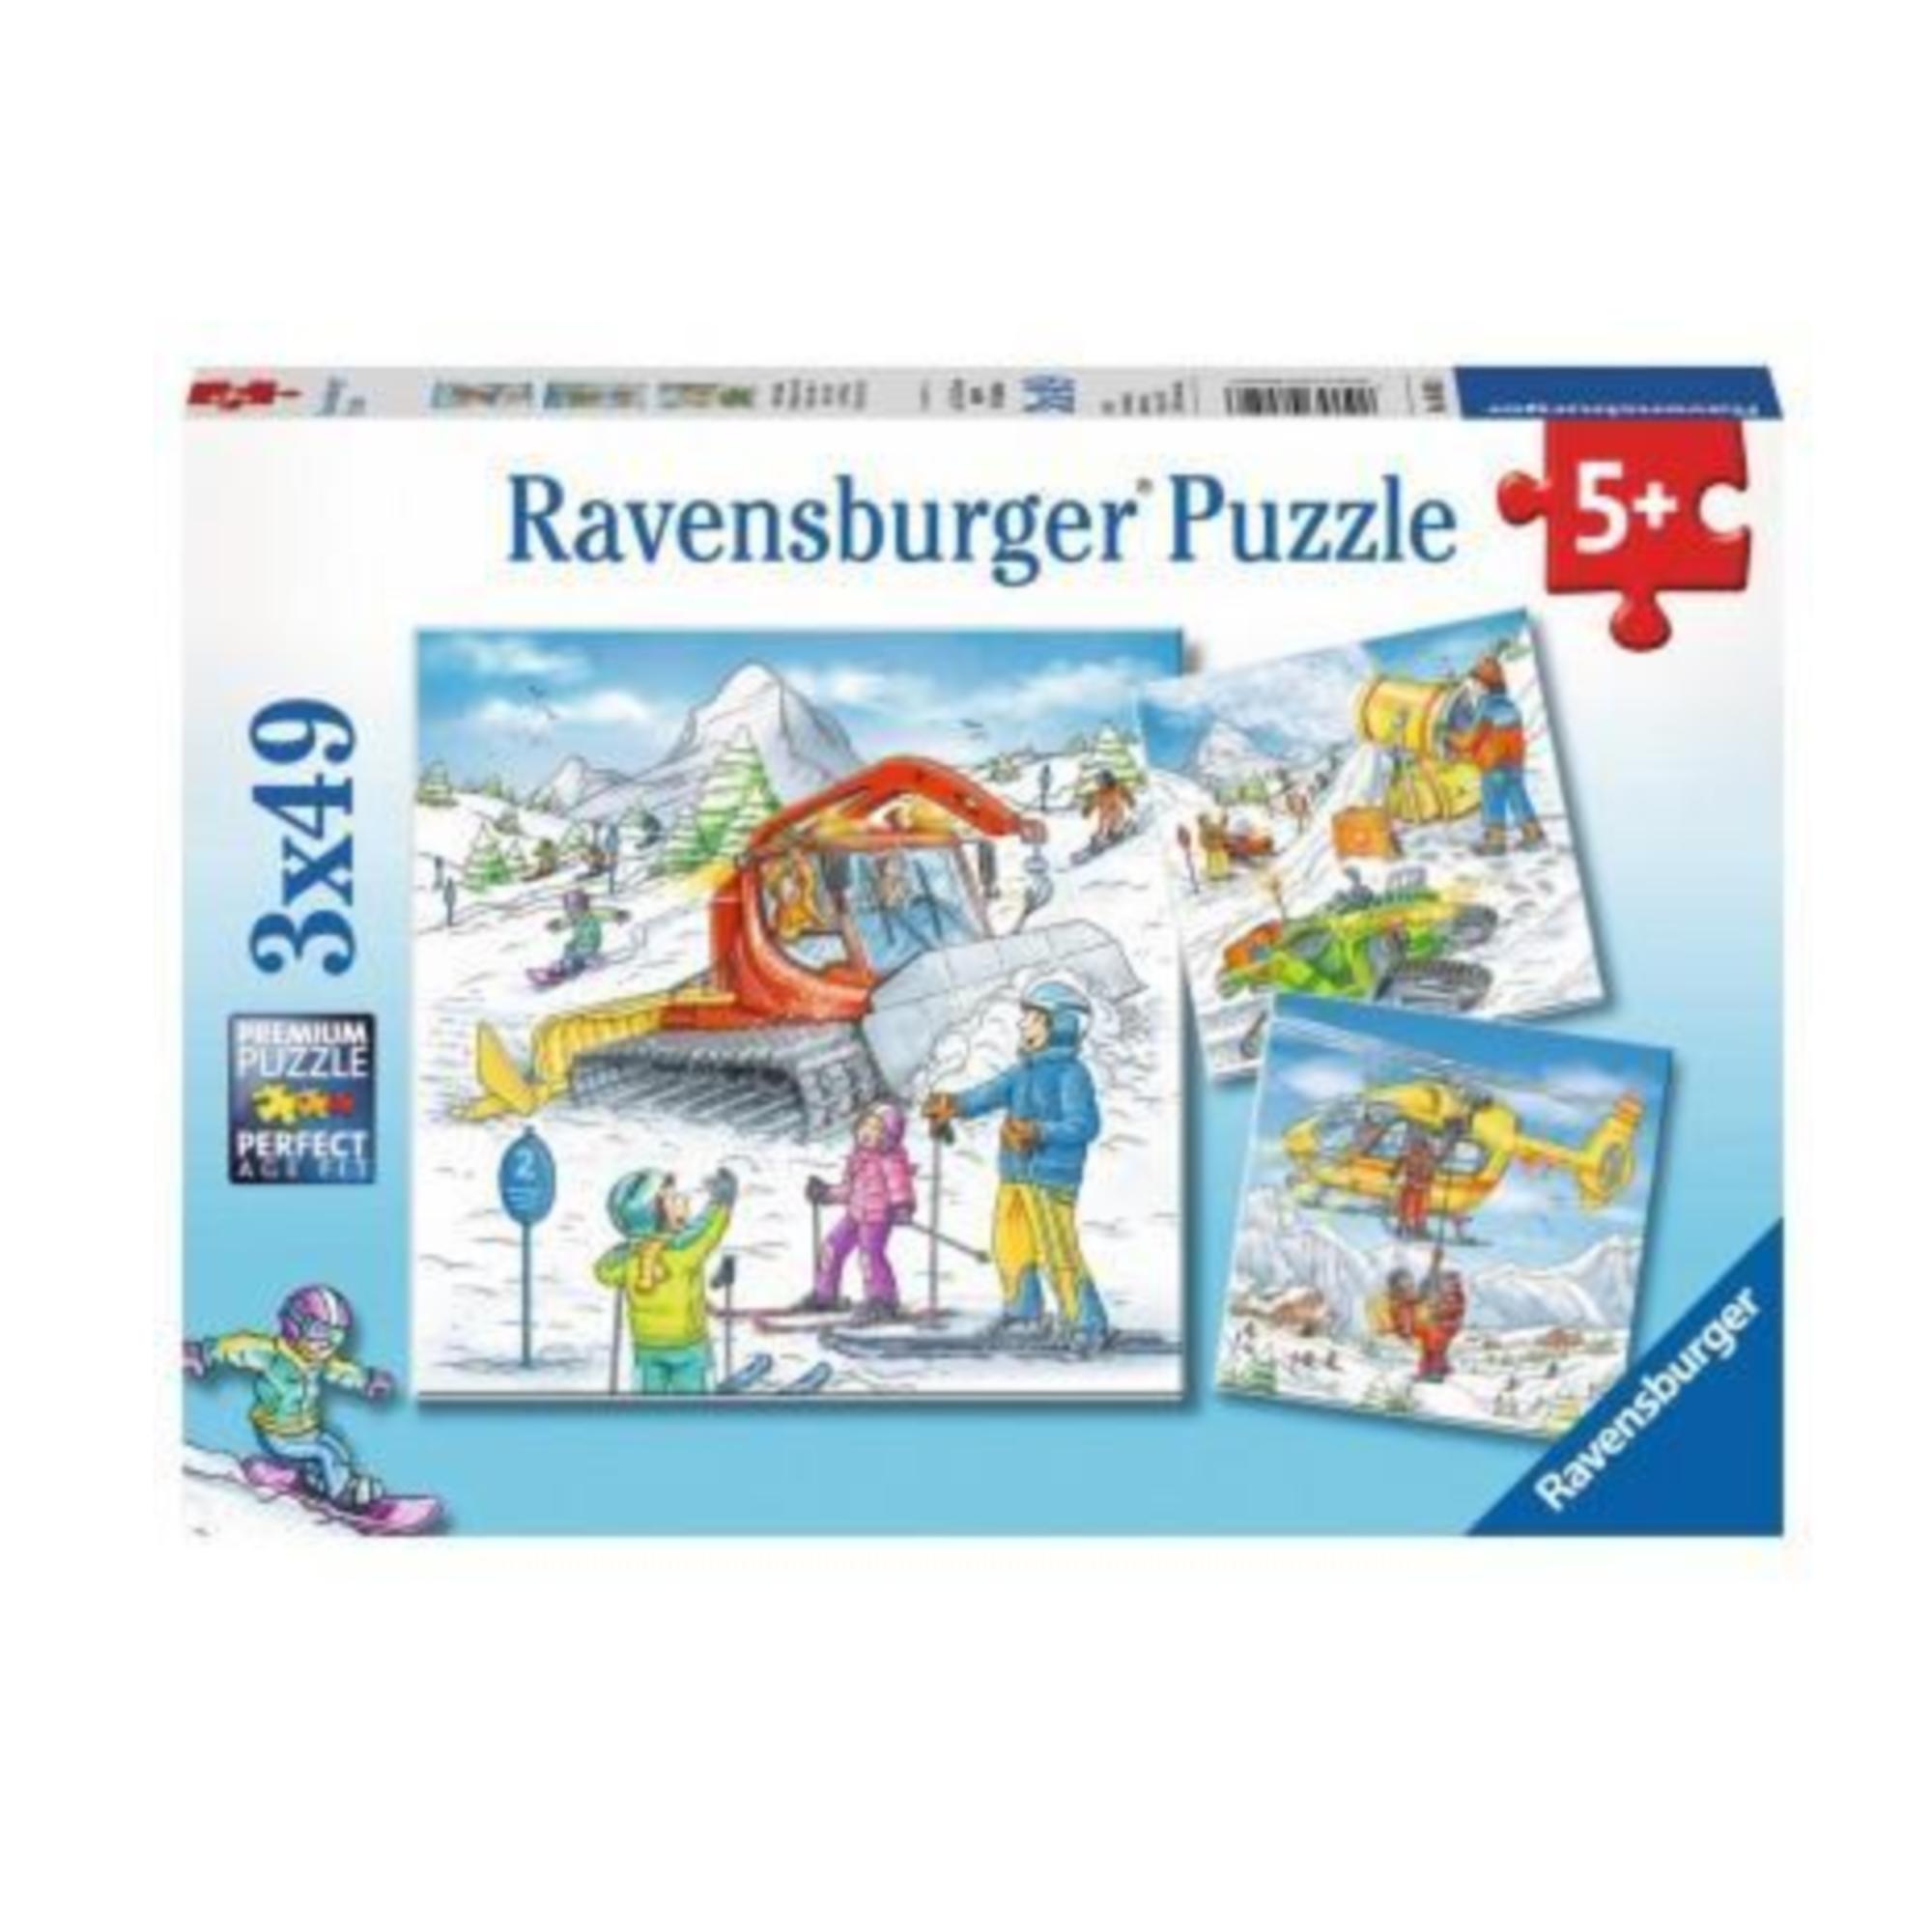 Ravensburger Puzzle 3 x 49: Sur les pistes de ski